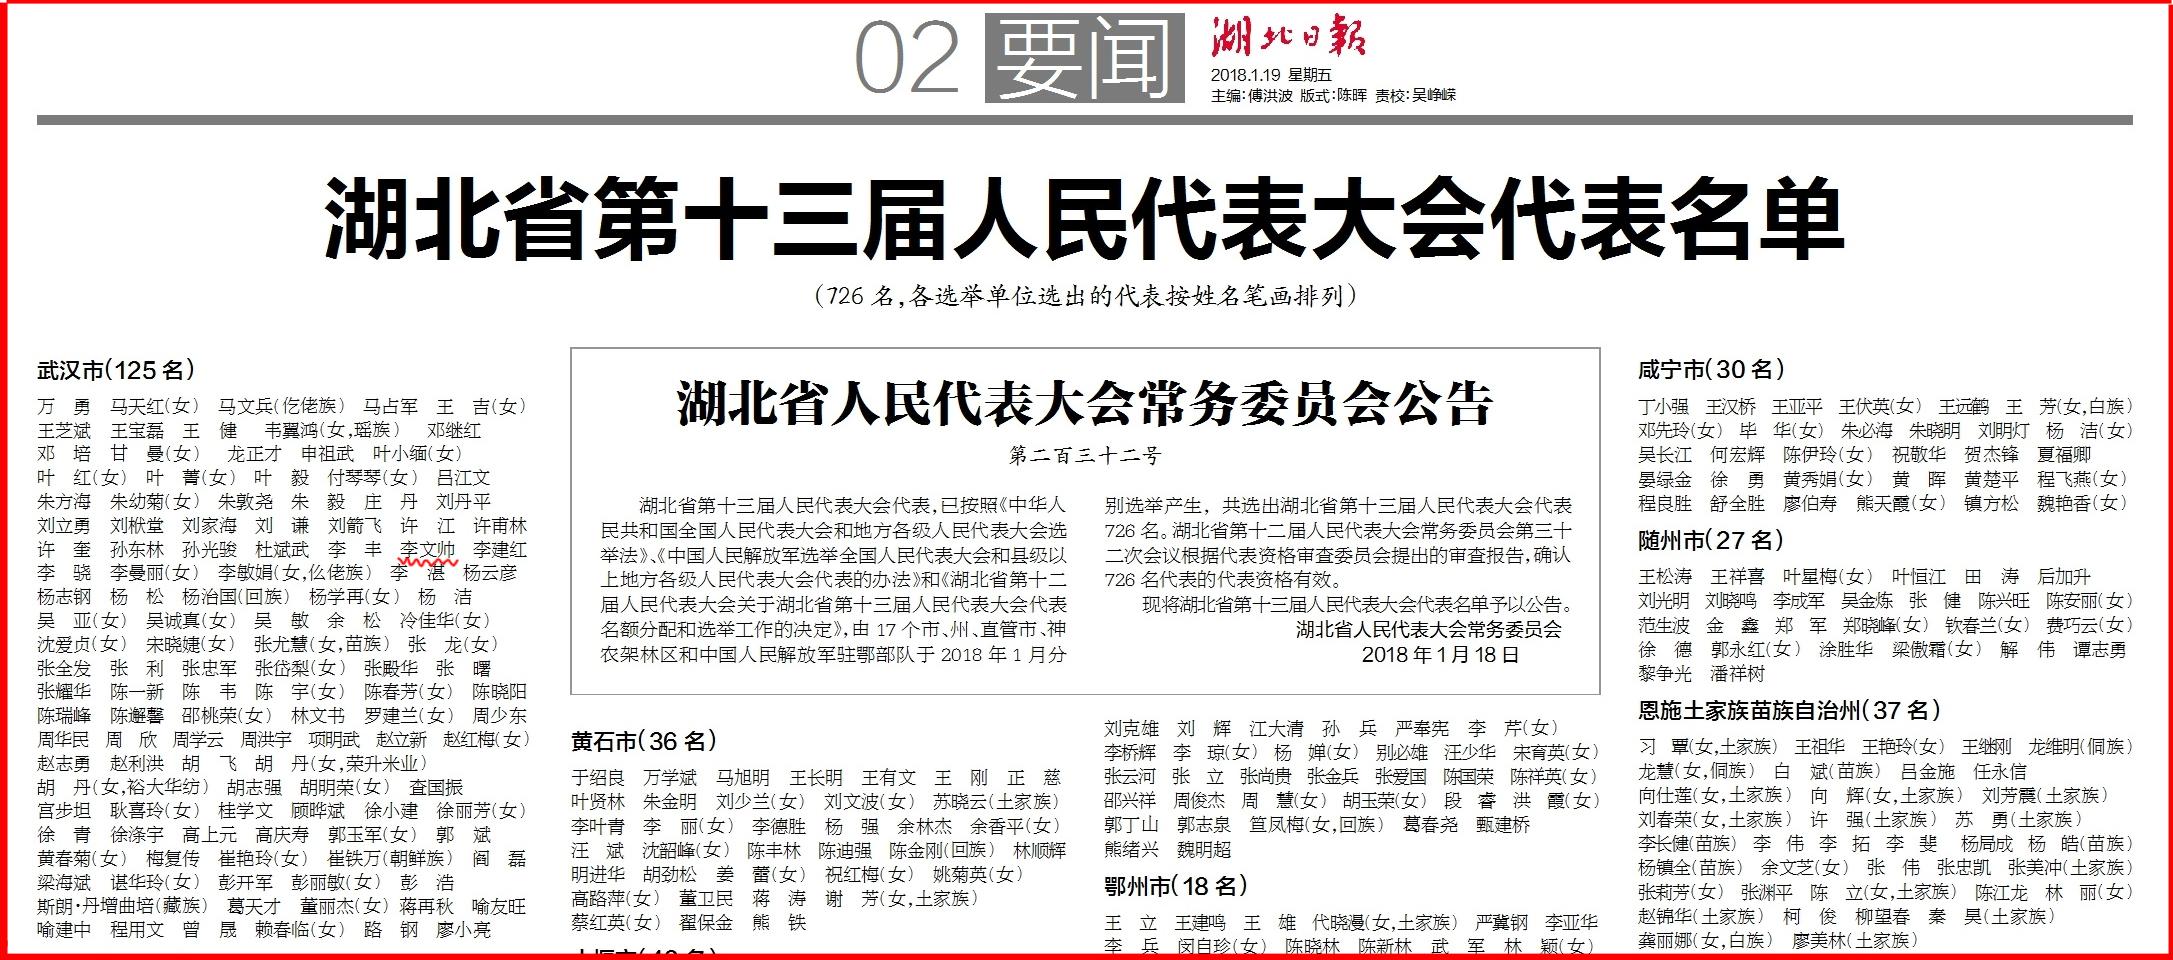 湖北日报--李部省人大公示20180119-第2版副本.jpg